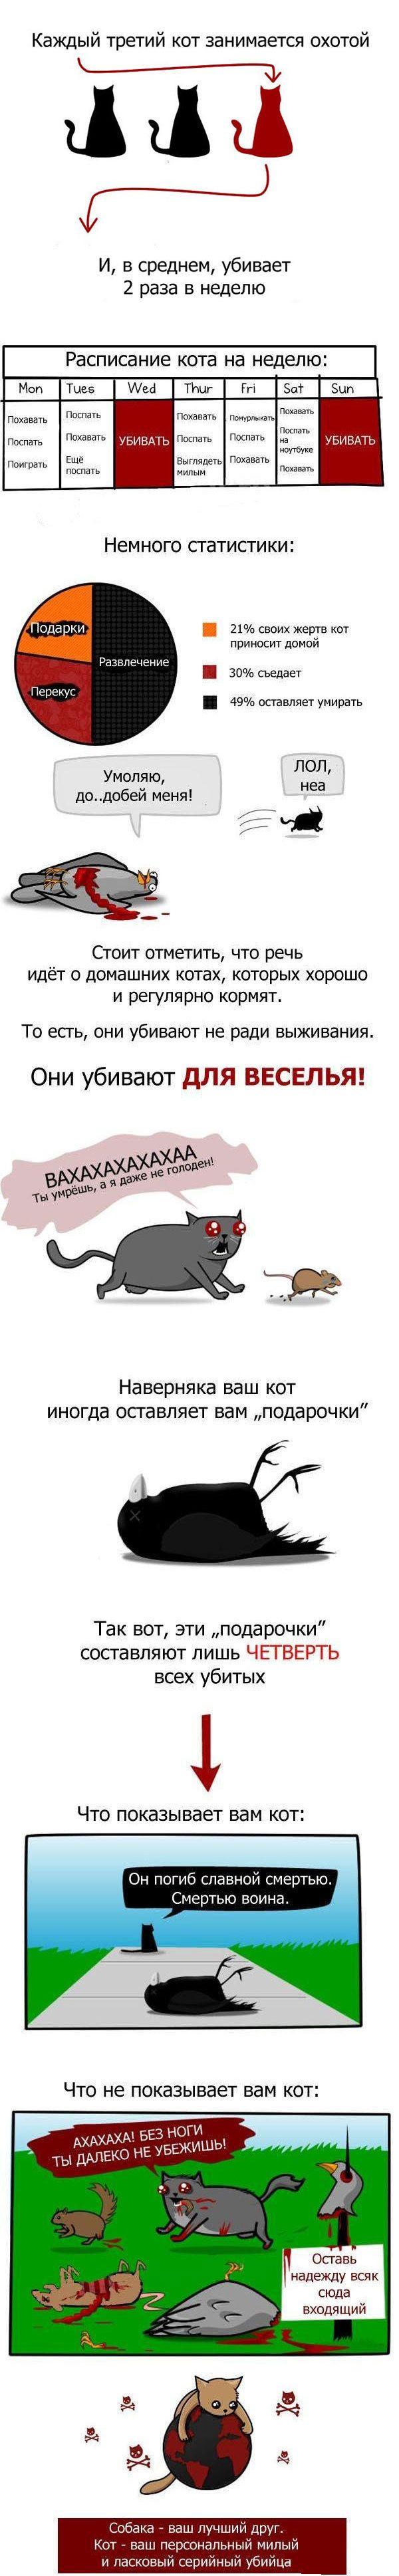 Вся правда о домашних котах (1 картинка)